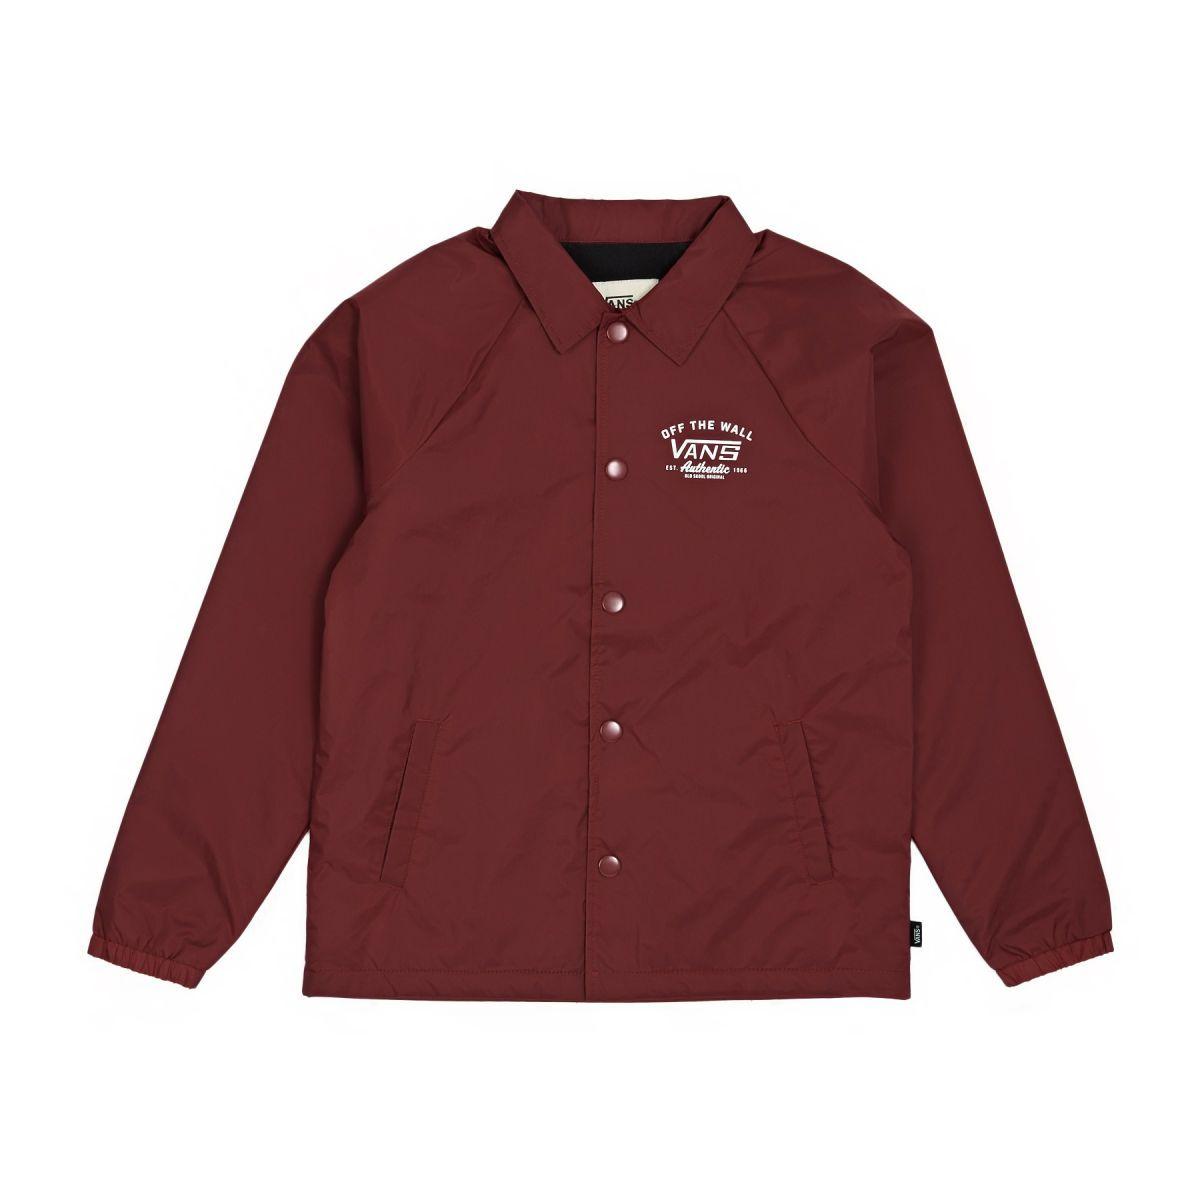 Vans Jackets - Vans Torrey Boy's Coach Jacket - Red Dahlia